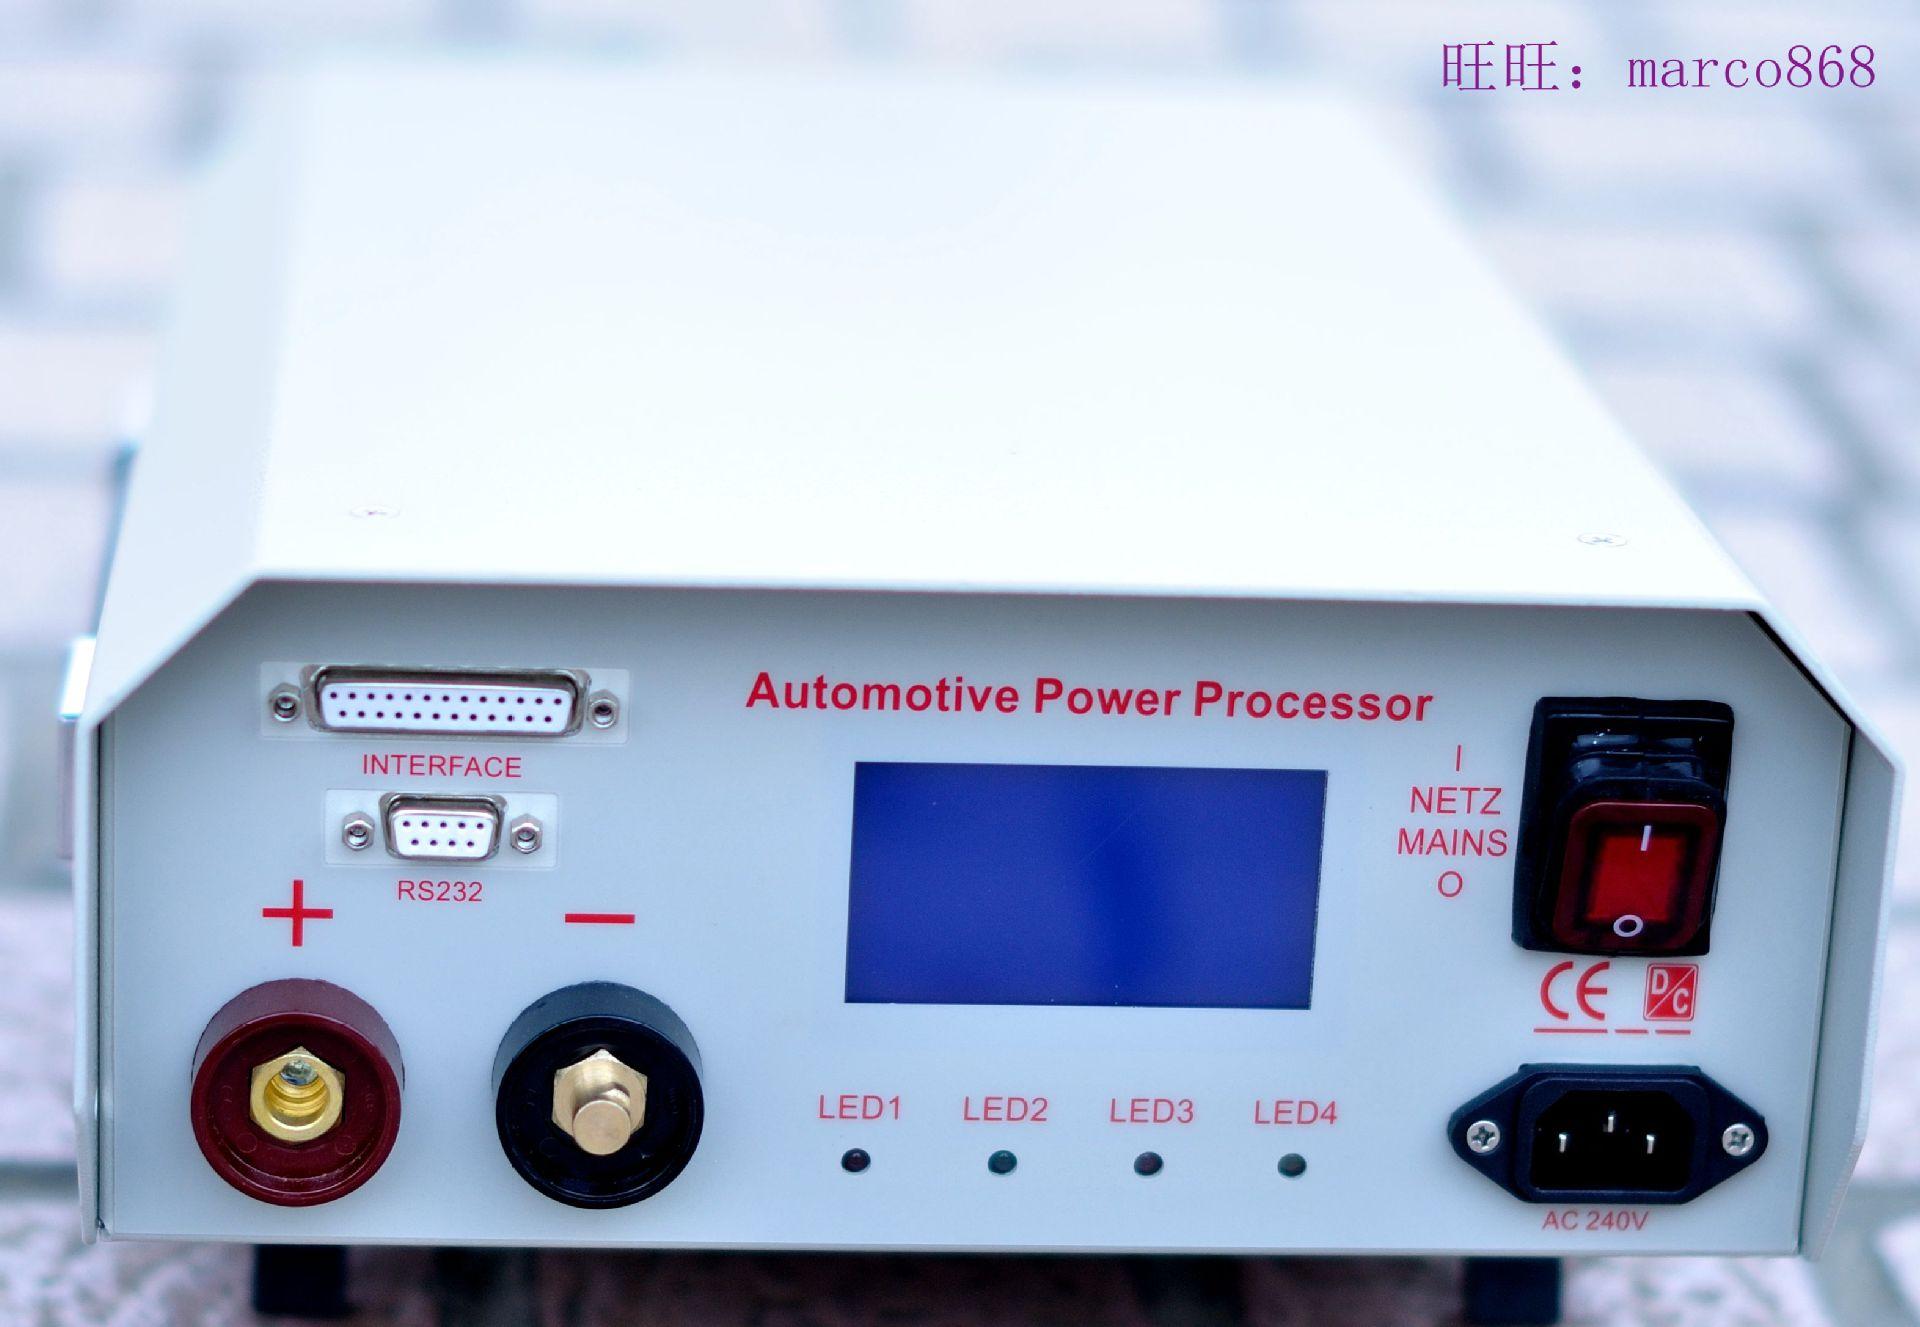 压电源 宝马 奔驰 奥迪汽车电池编程稳压电源充电器 阿里巴巴